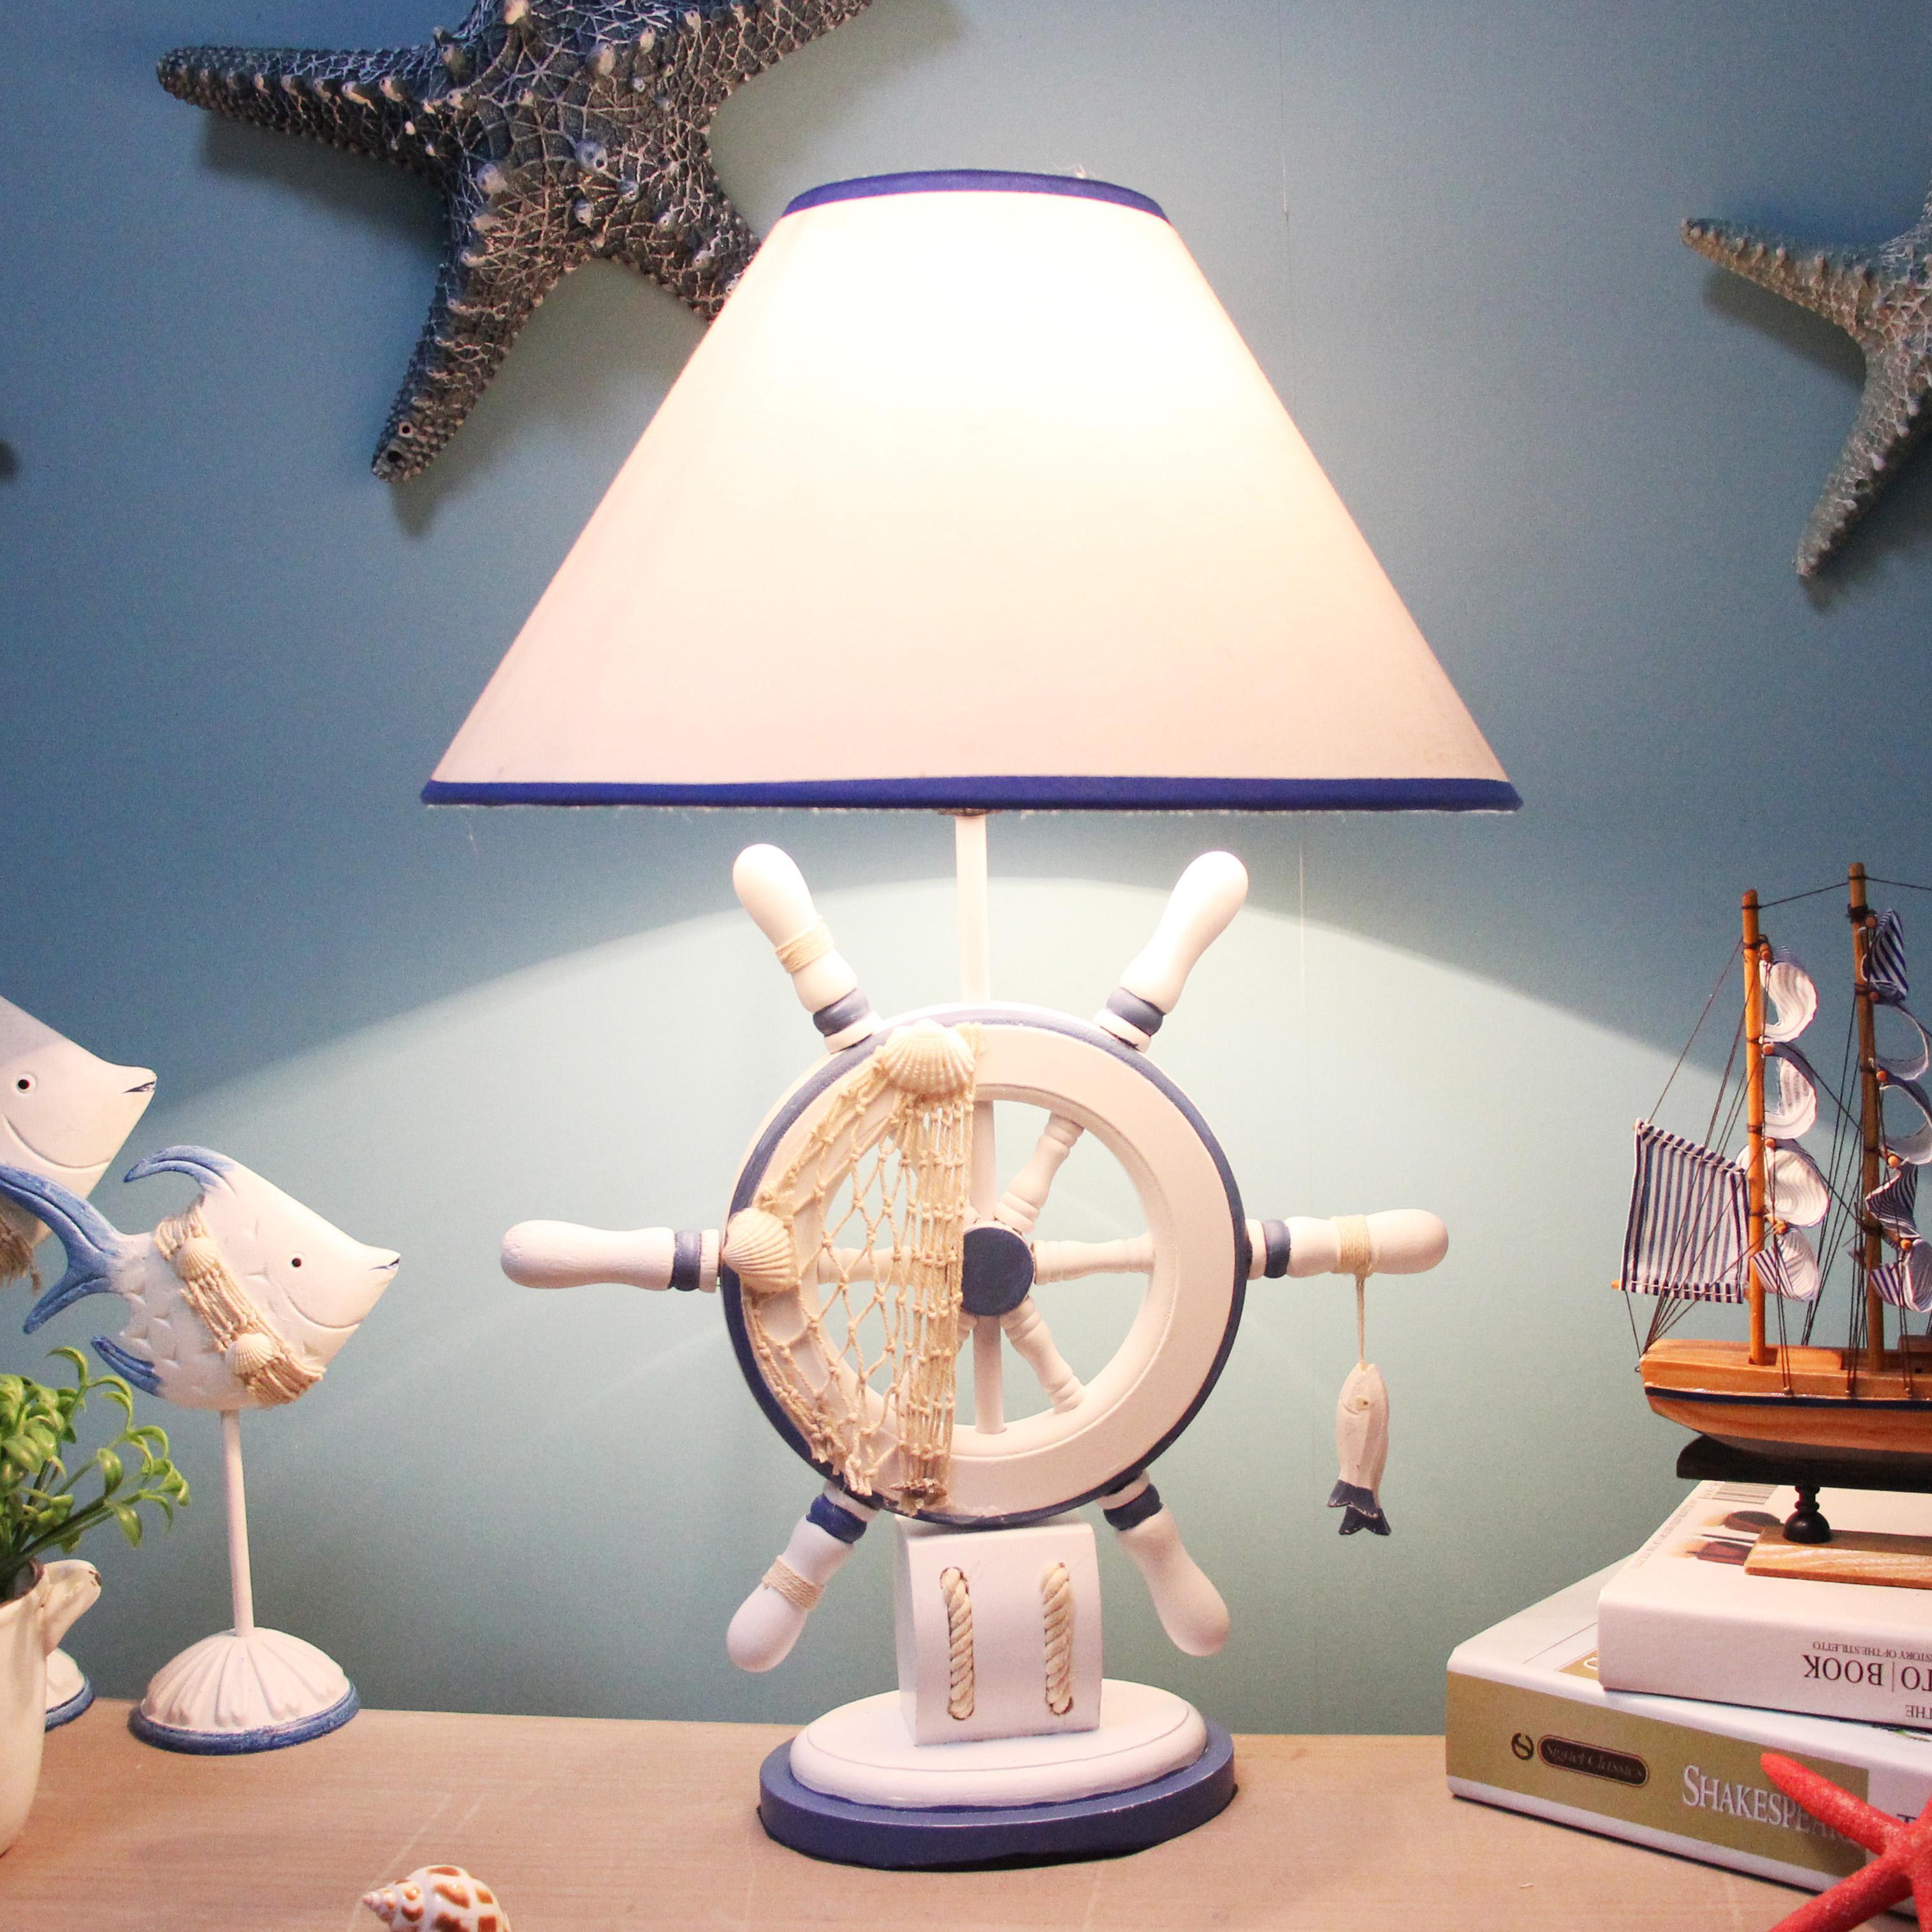 要想选一盏符合国家标准的台灯要如何选择呢?